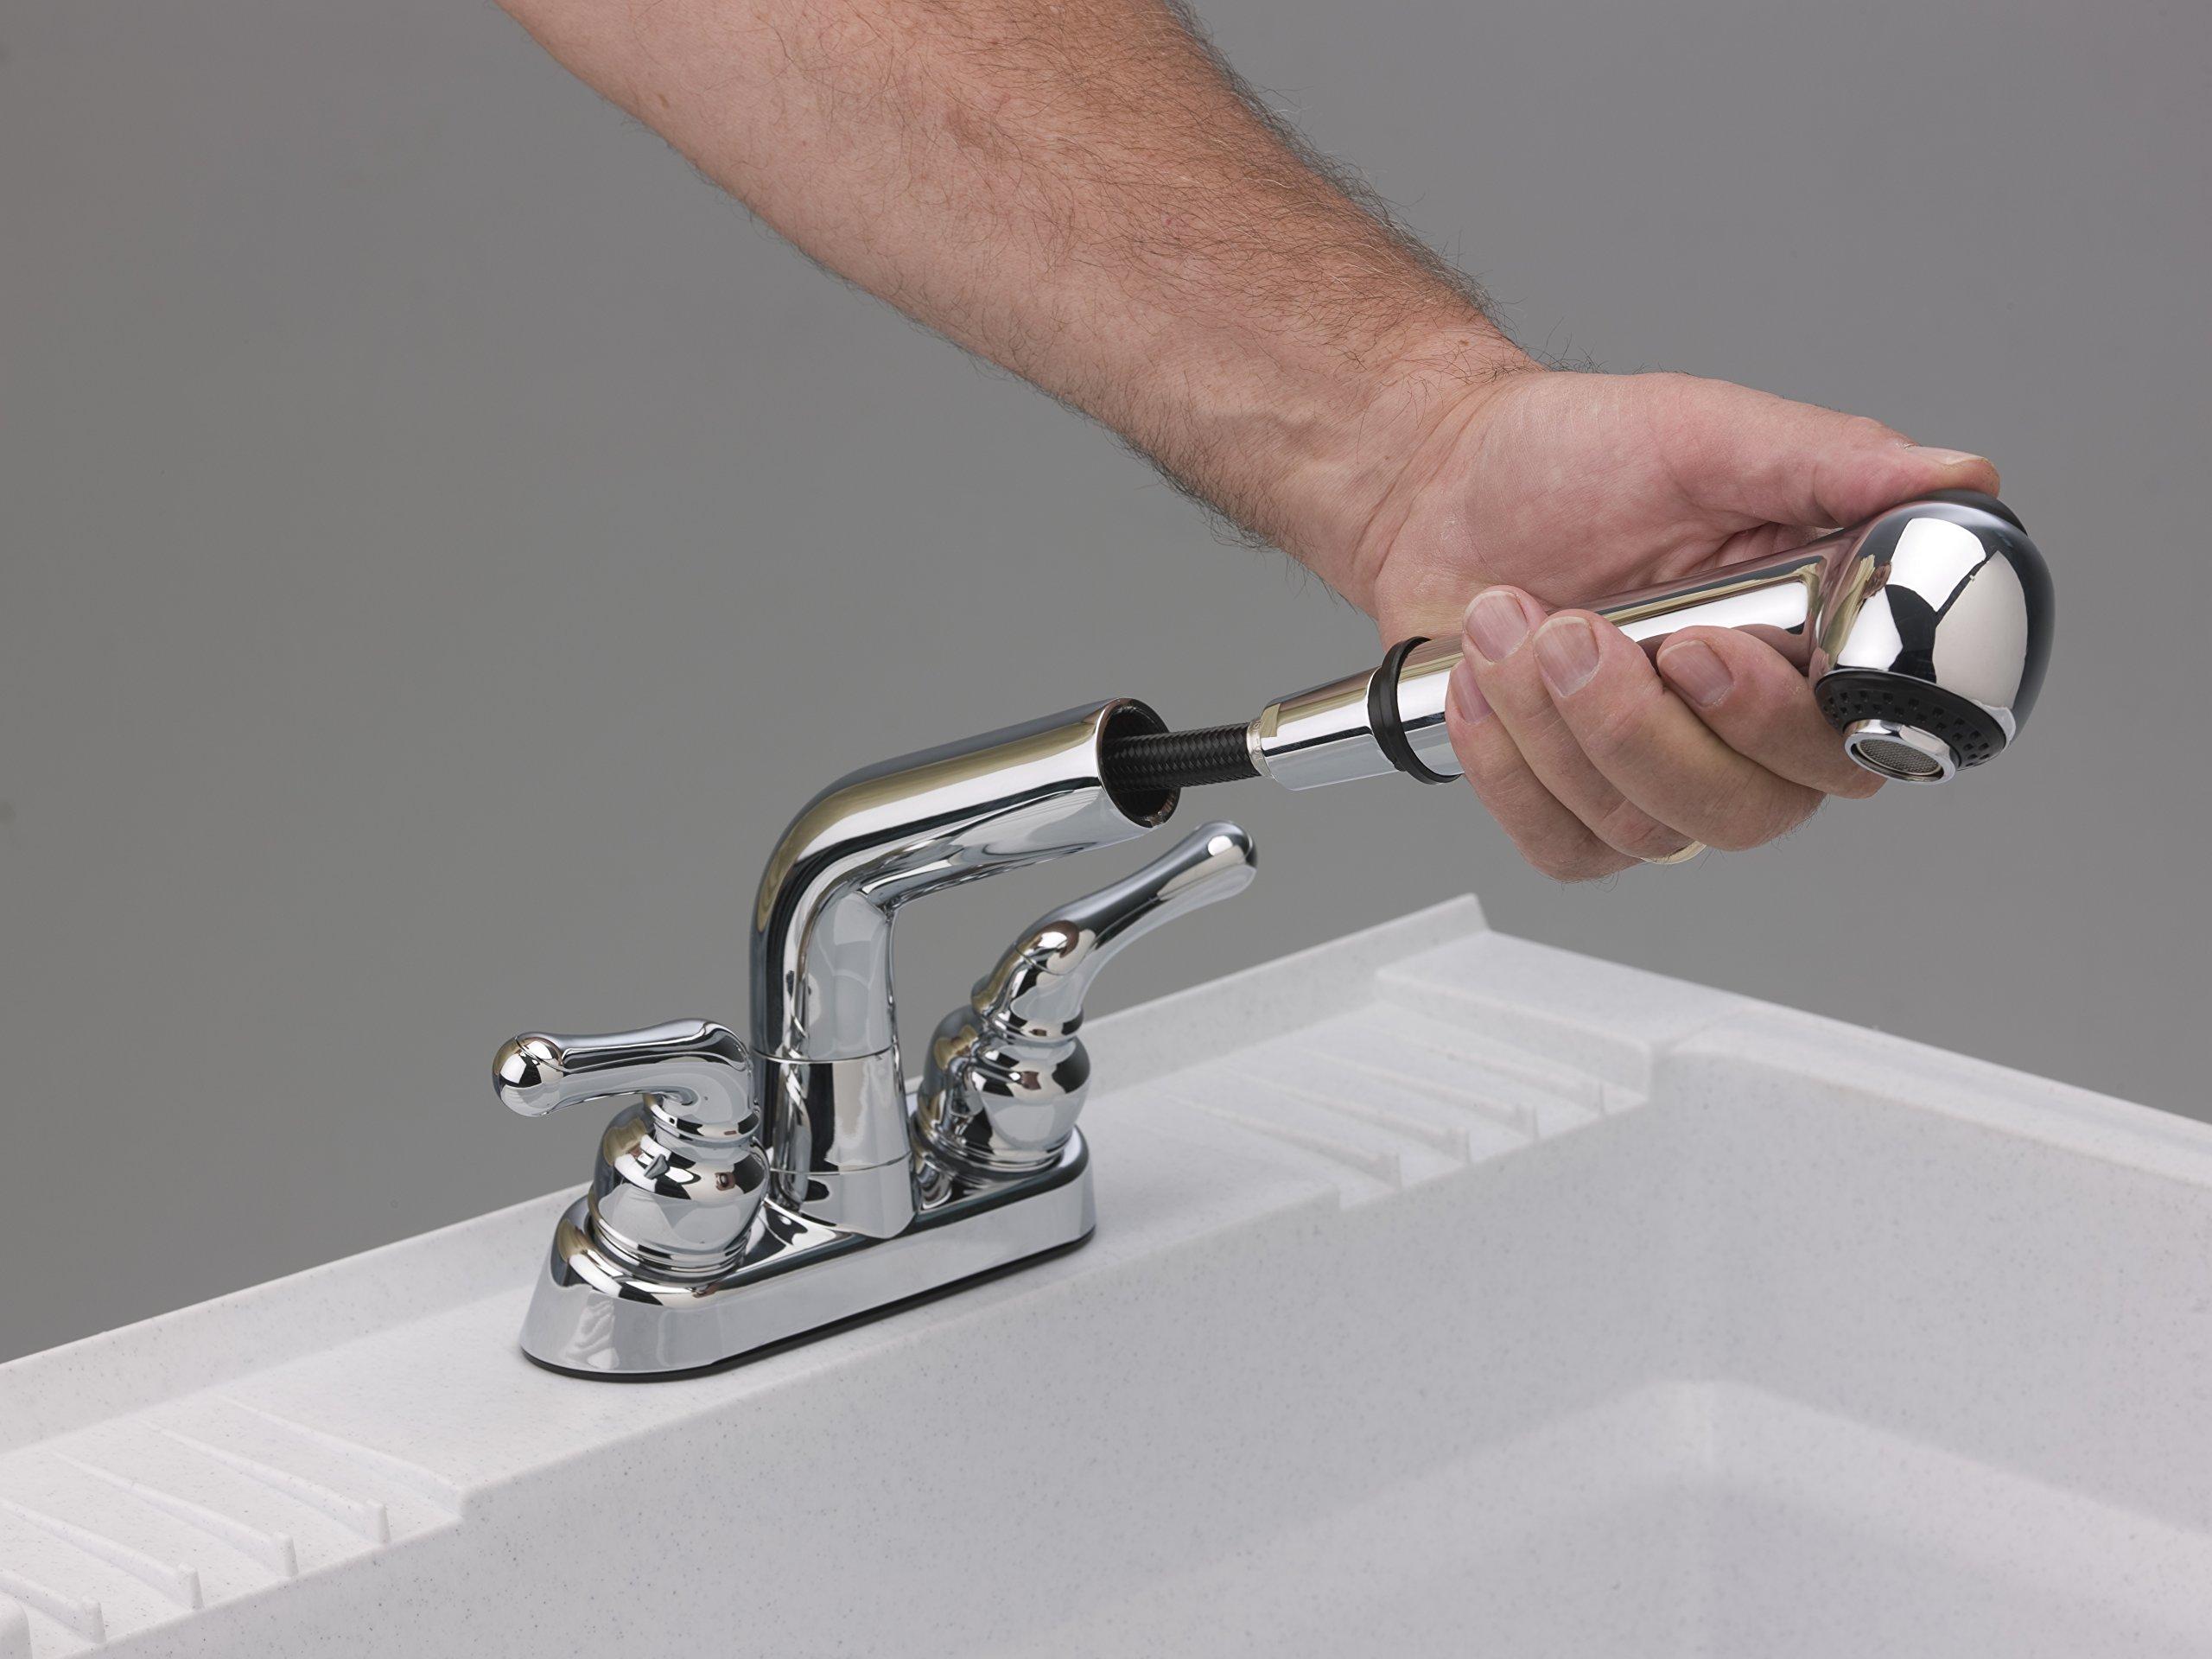 CASHEL 1960-32-02 Heavy Duty Sink - Fully Loaded Sink Kit, Granite by Cashel (Image #6)